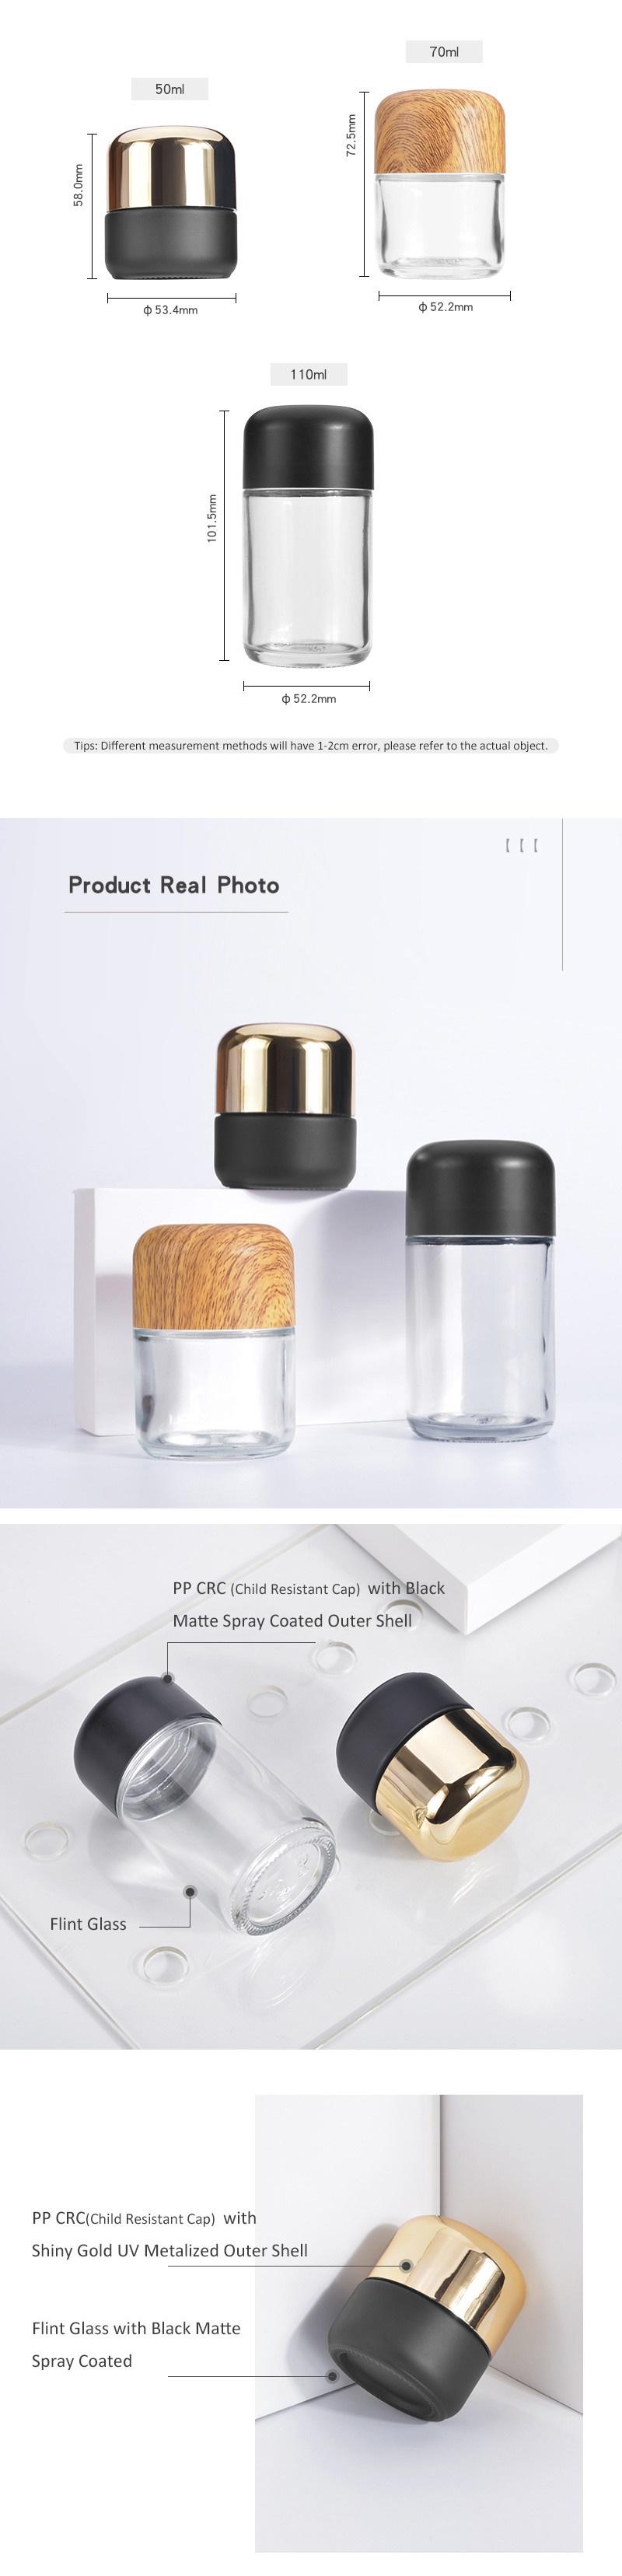 Glass CBD HEMP Bottle